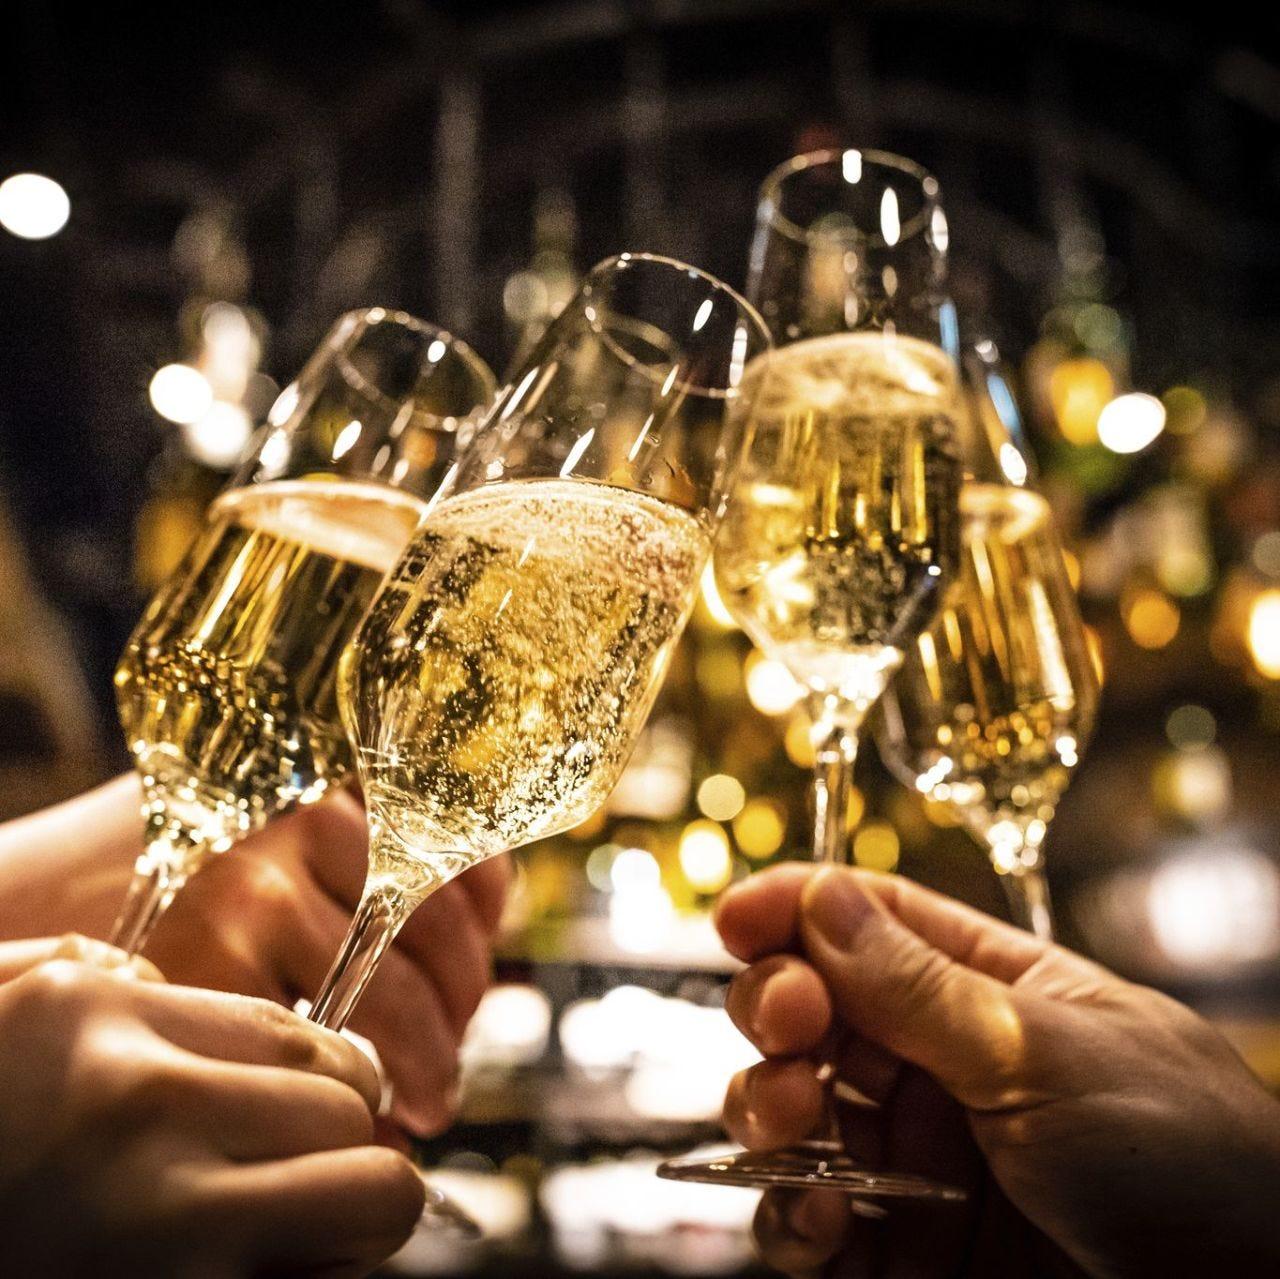 スパークリングワインも入った飲み放題プラン。